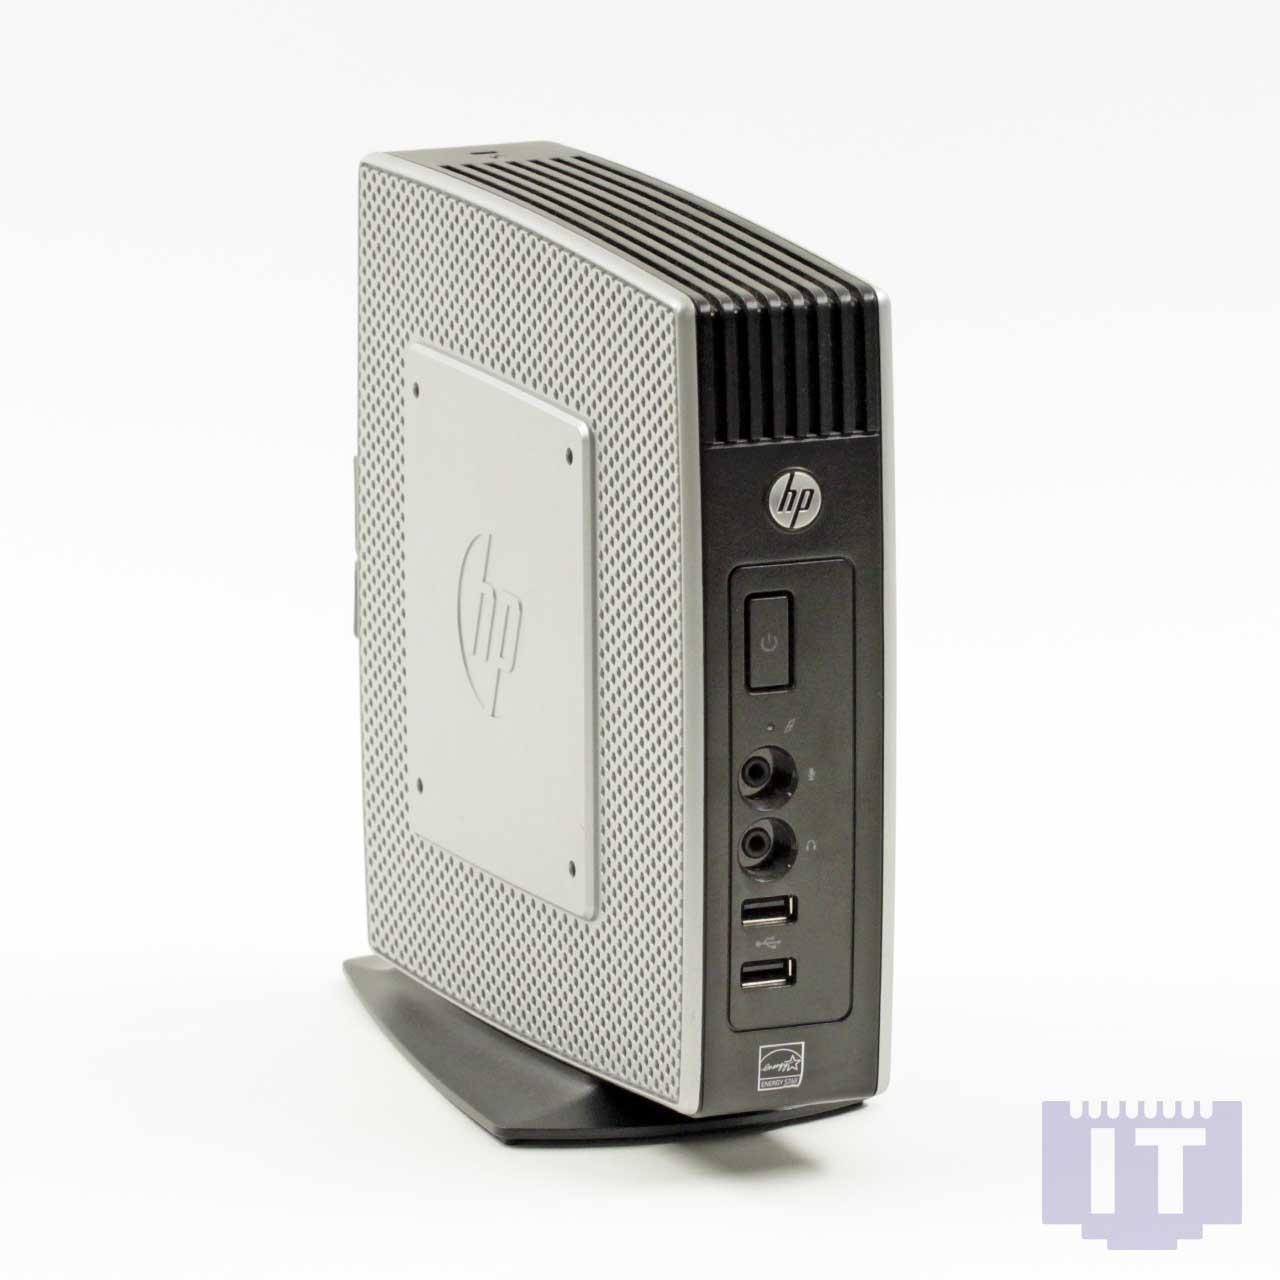 hp t510 thin client